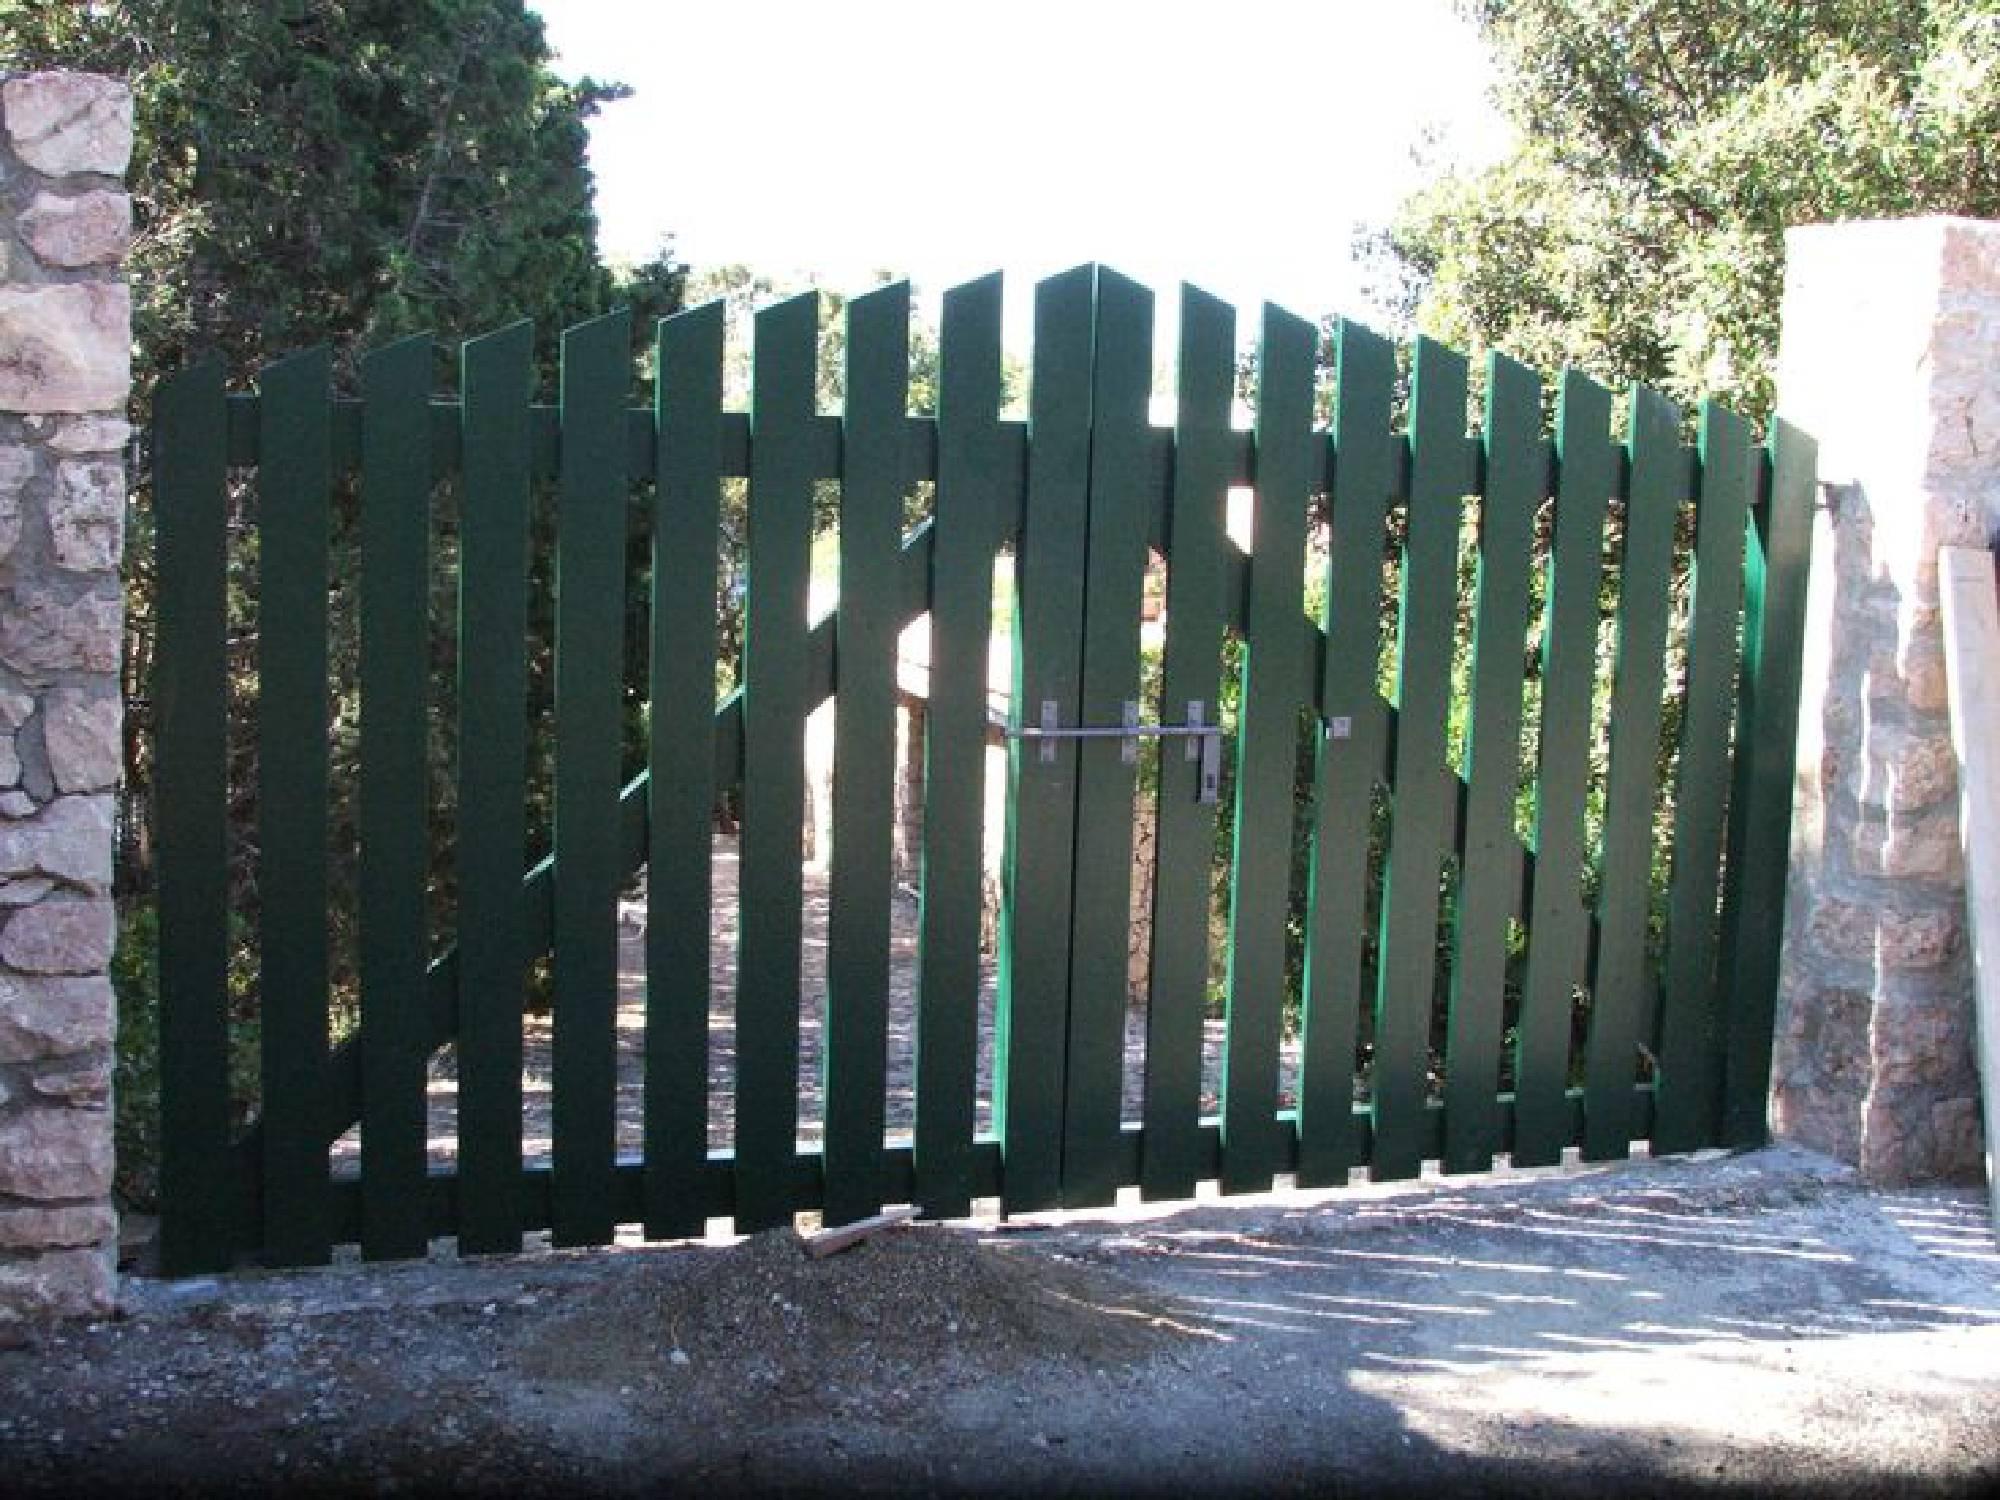 Amantini recinzioni cancelli in ferro o legno - Cancelli in legno per esterno ...